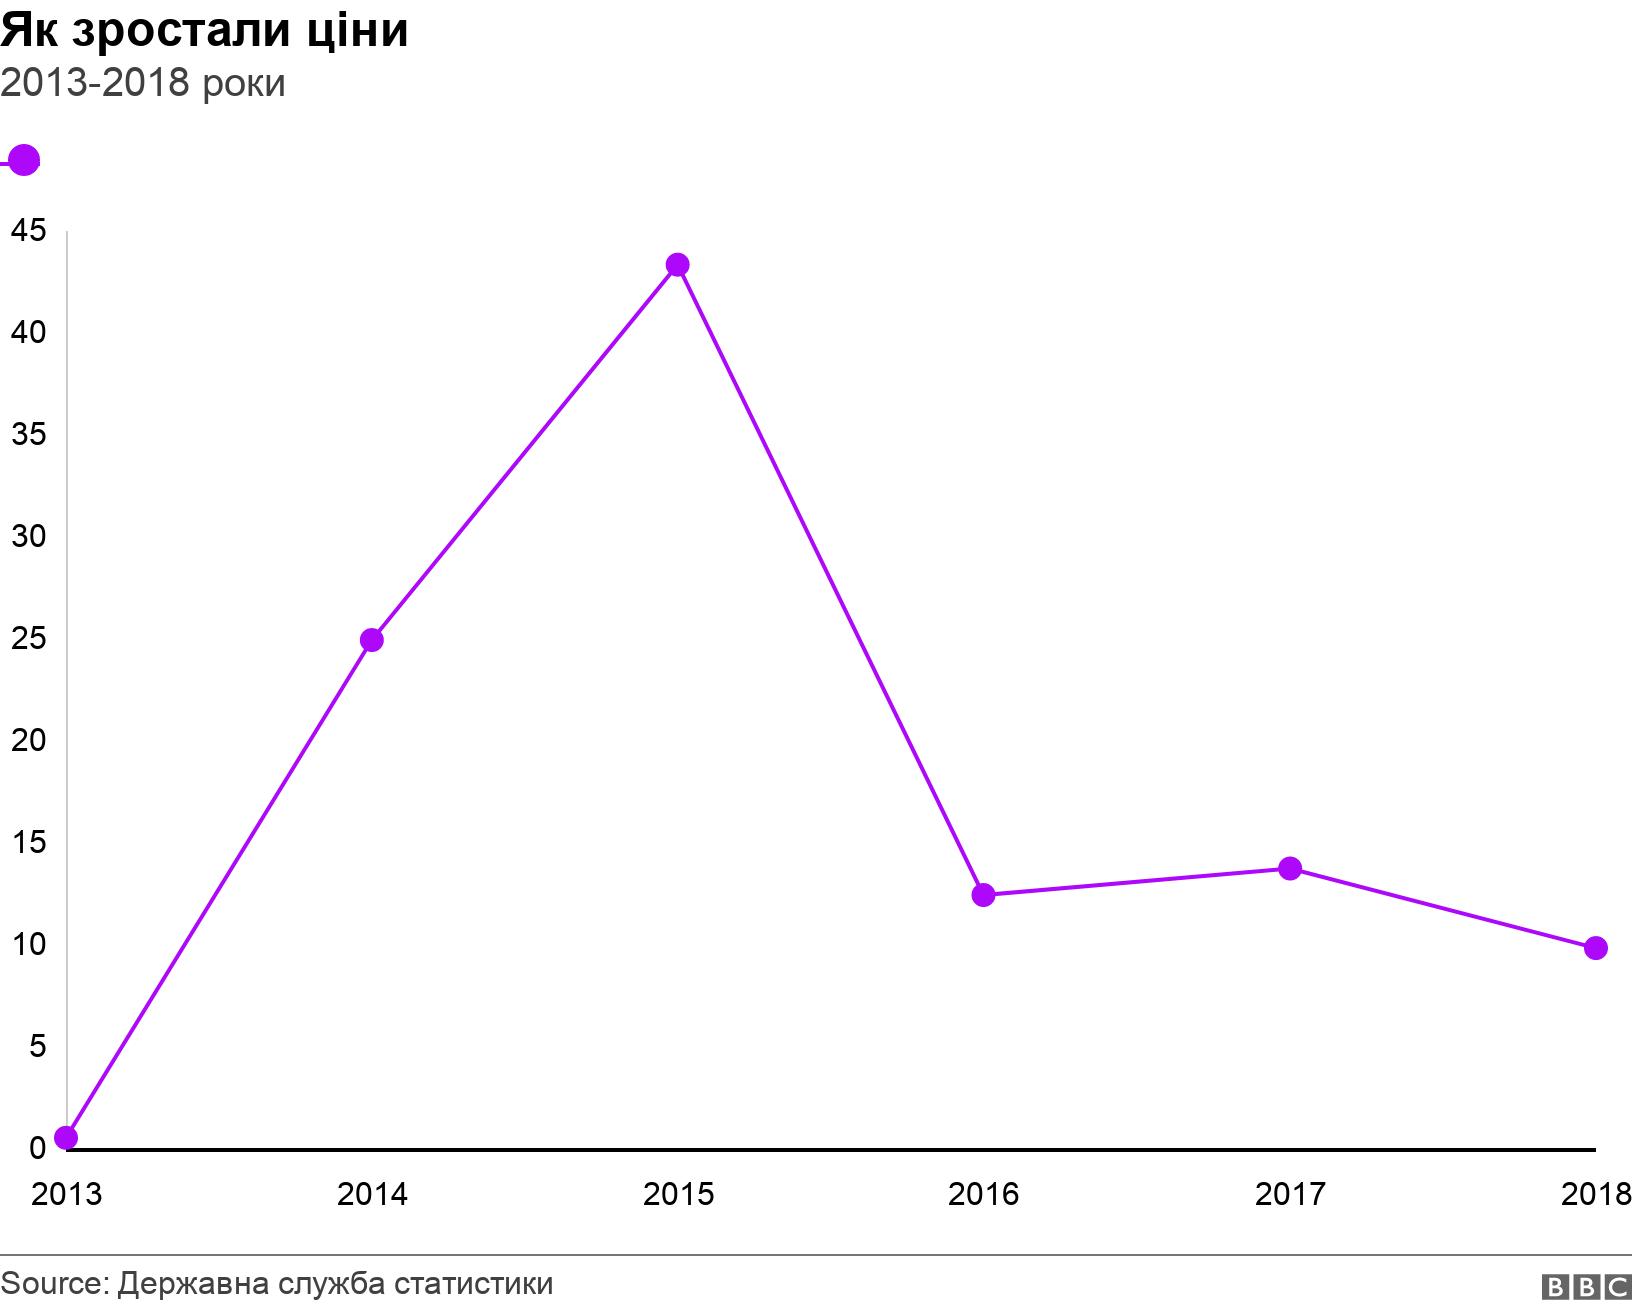 Як зростали ціни. 2013-2018 роки.  .